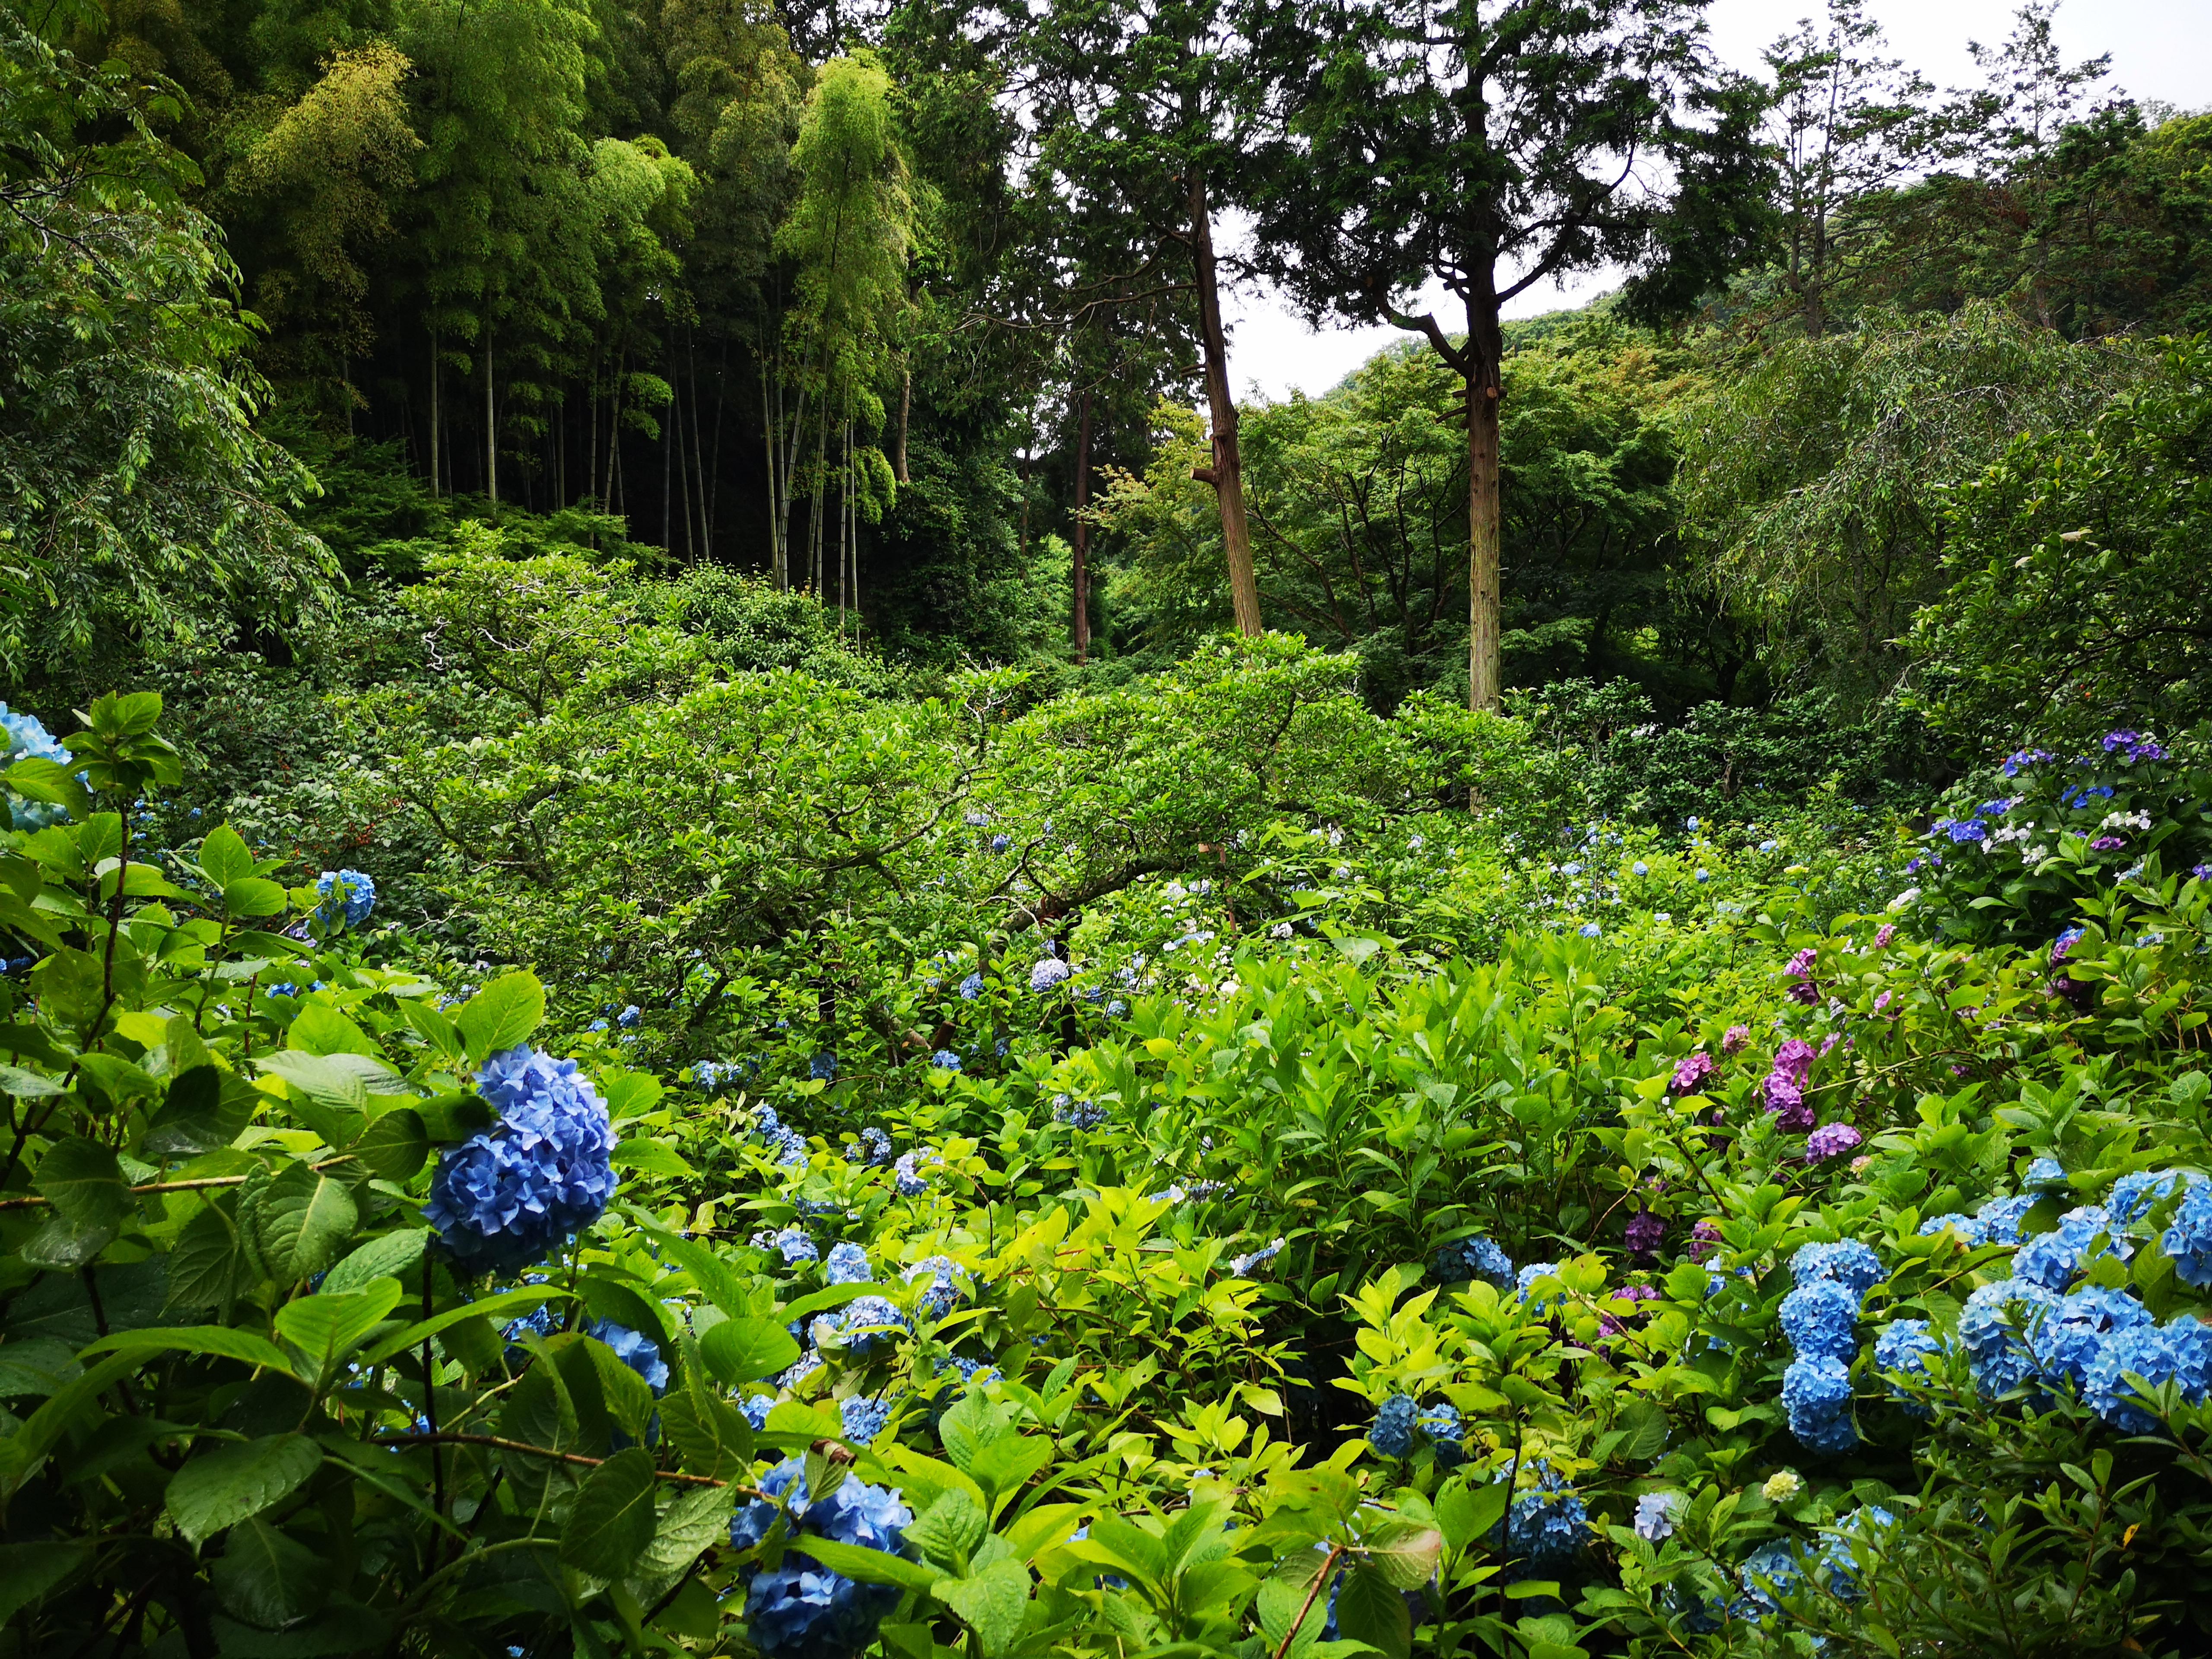 あじさいの見頃としては今(6月中旬)がピークで、庭園の花菖蒲はもう見ることが出来ませんでしたし、一部枯れ始めているので興味のある方はお早めに(クリックで原寸)